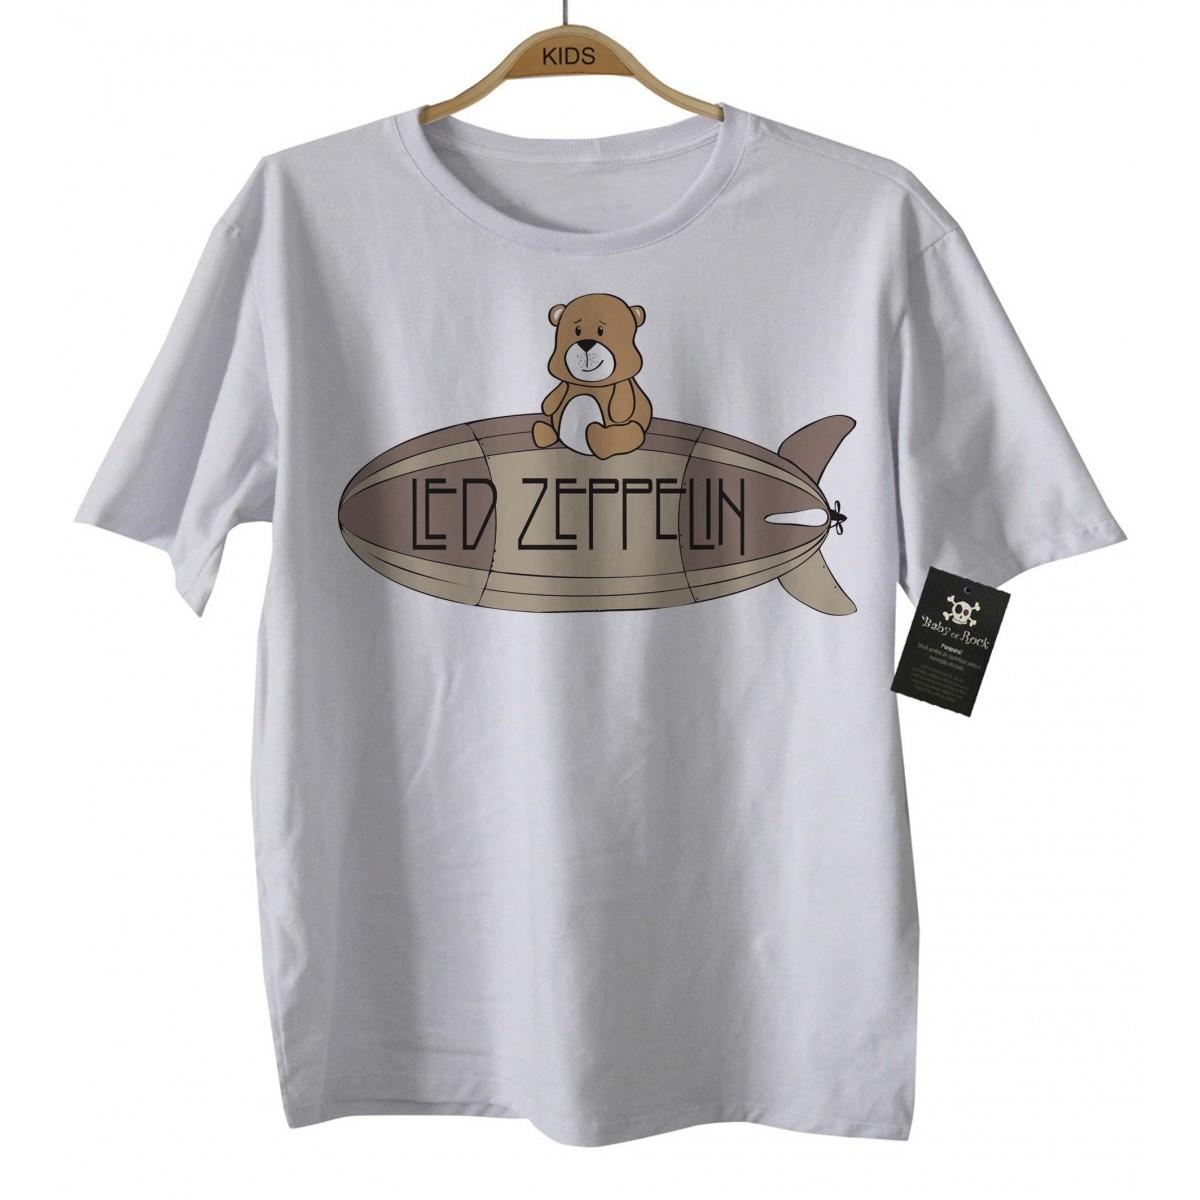 Camiseta  Rock   Led Zeppelin Cute - D - White  - Baby Monster S/A